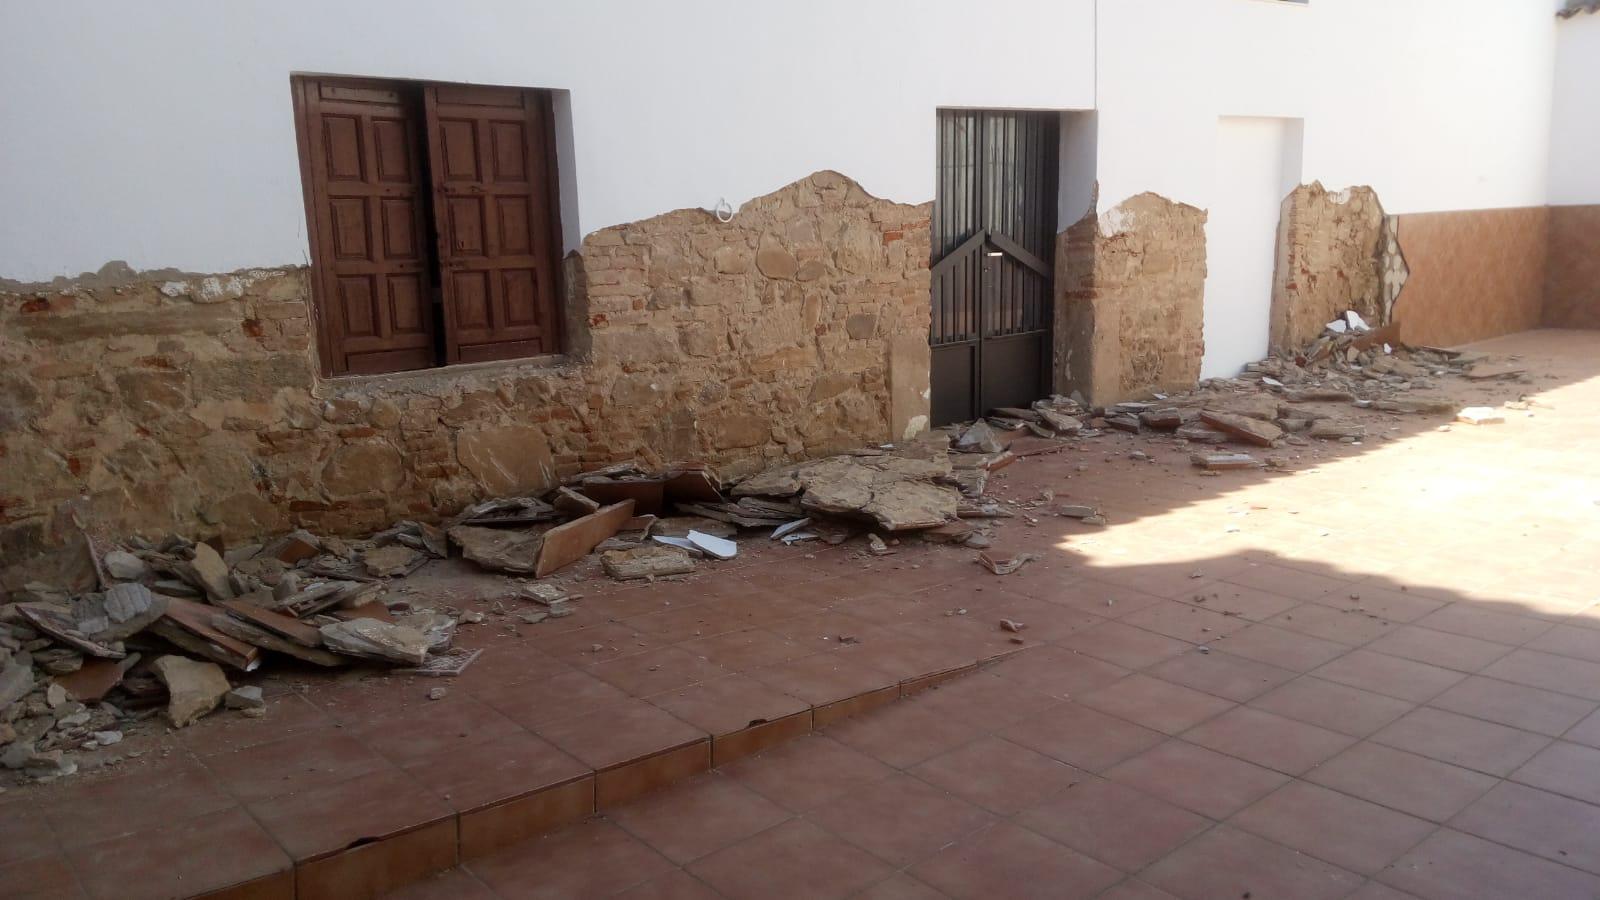 El centro de interpretación de 'El alcalde de Zalamea' inicia la segunda fase de obras